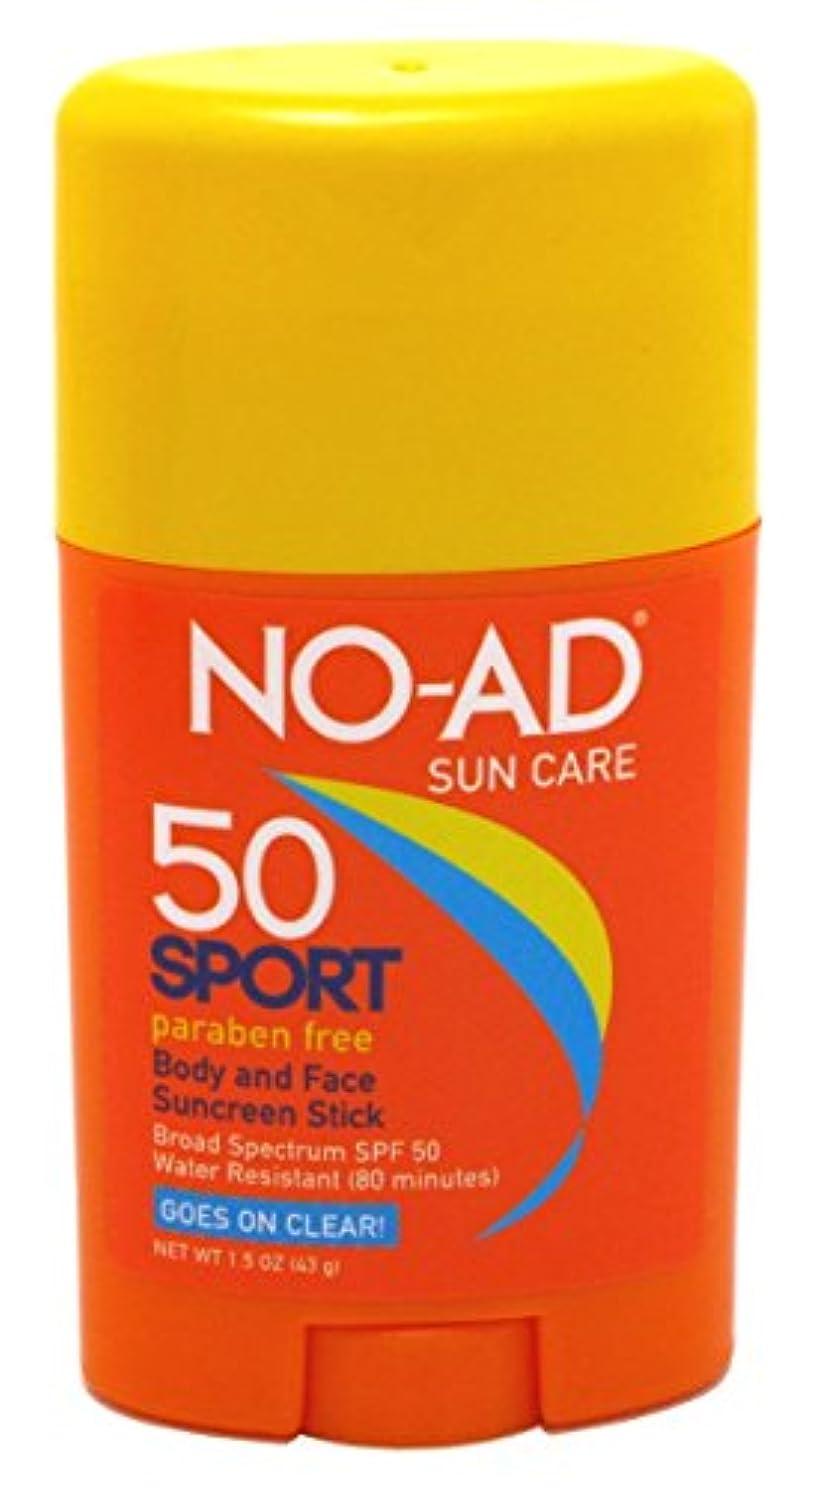 シーサイド後世トリプルNo-Ad NO-ADないスポーツサンケアボディとフェイススティックSPF 50 1.5オンス